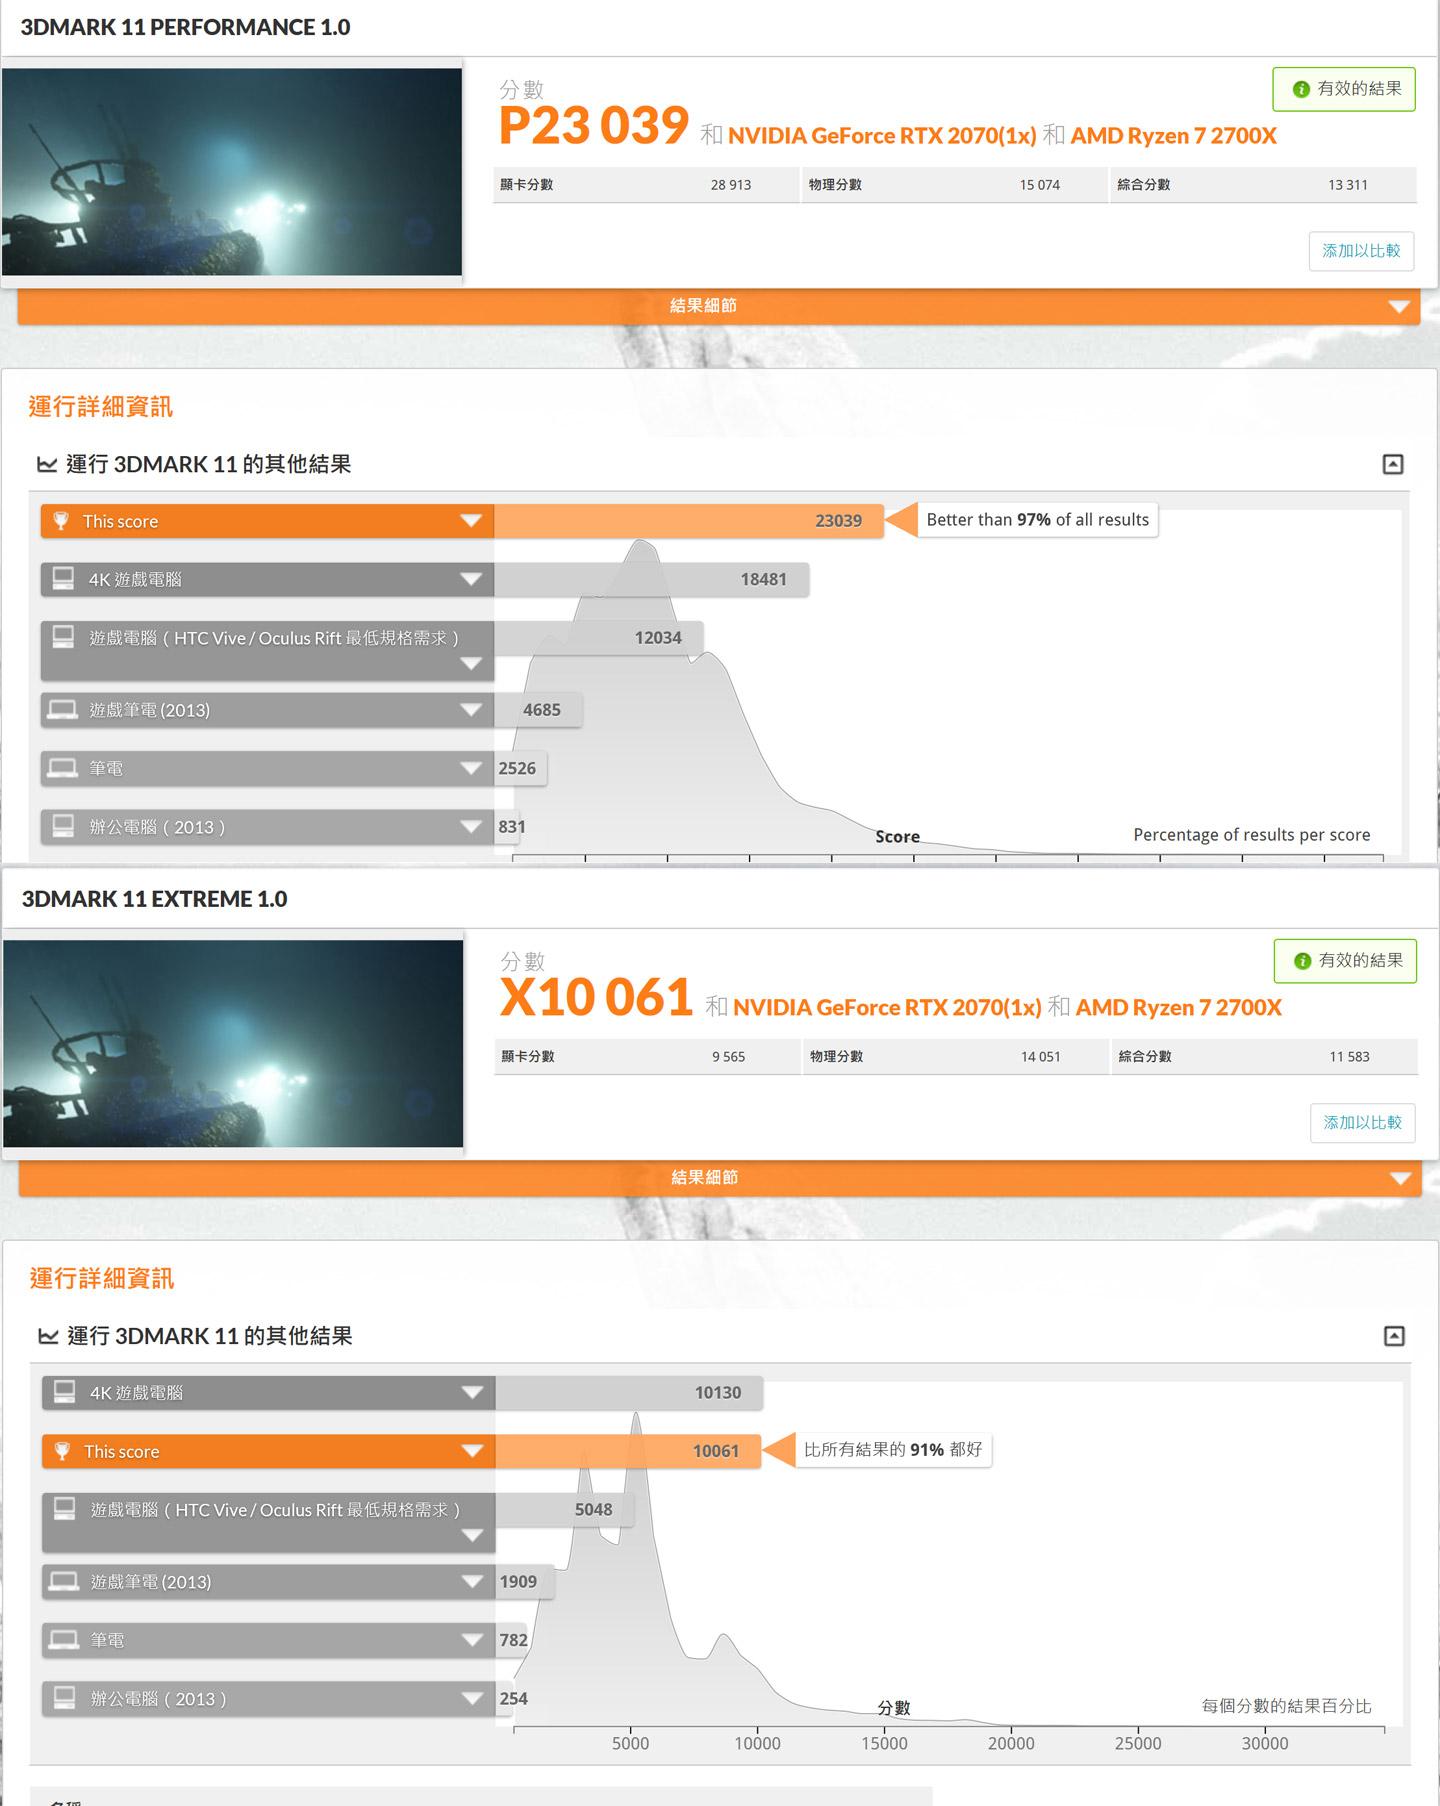 接下來我們透過 3DMark 11 來評測 3D 運算效能,標準 HD 模式獲得 P23039 分,勝過 97% 的受測電腦,而 Full HD 模式也獲得 X10061 的分數,勝過 91% 的受測電腦。